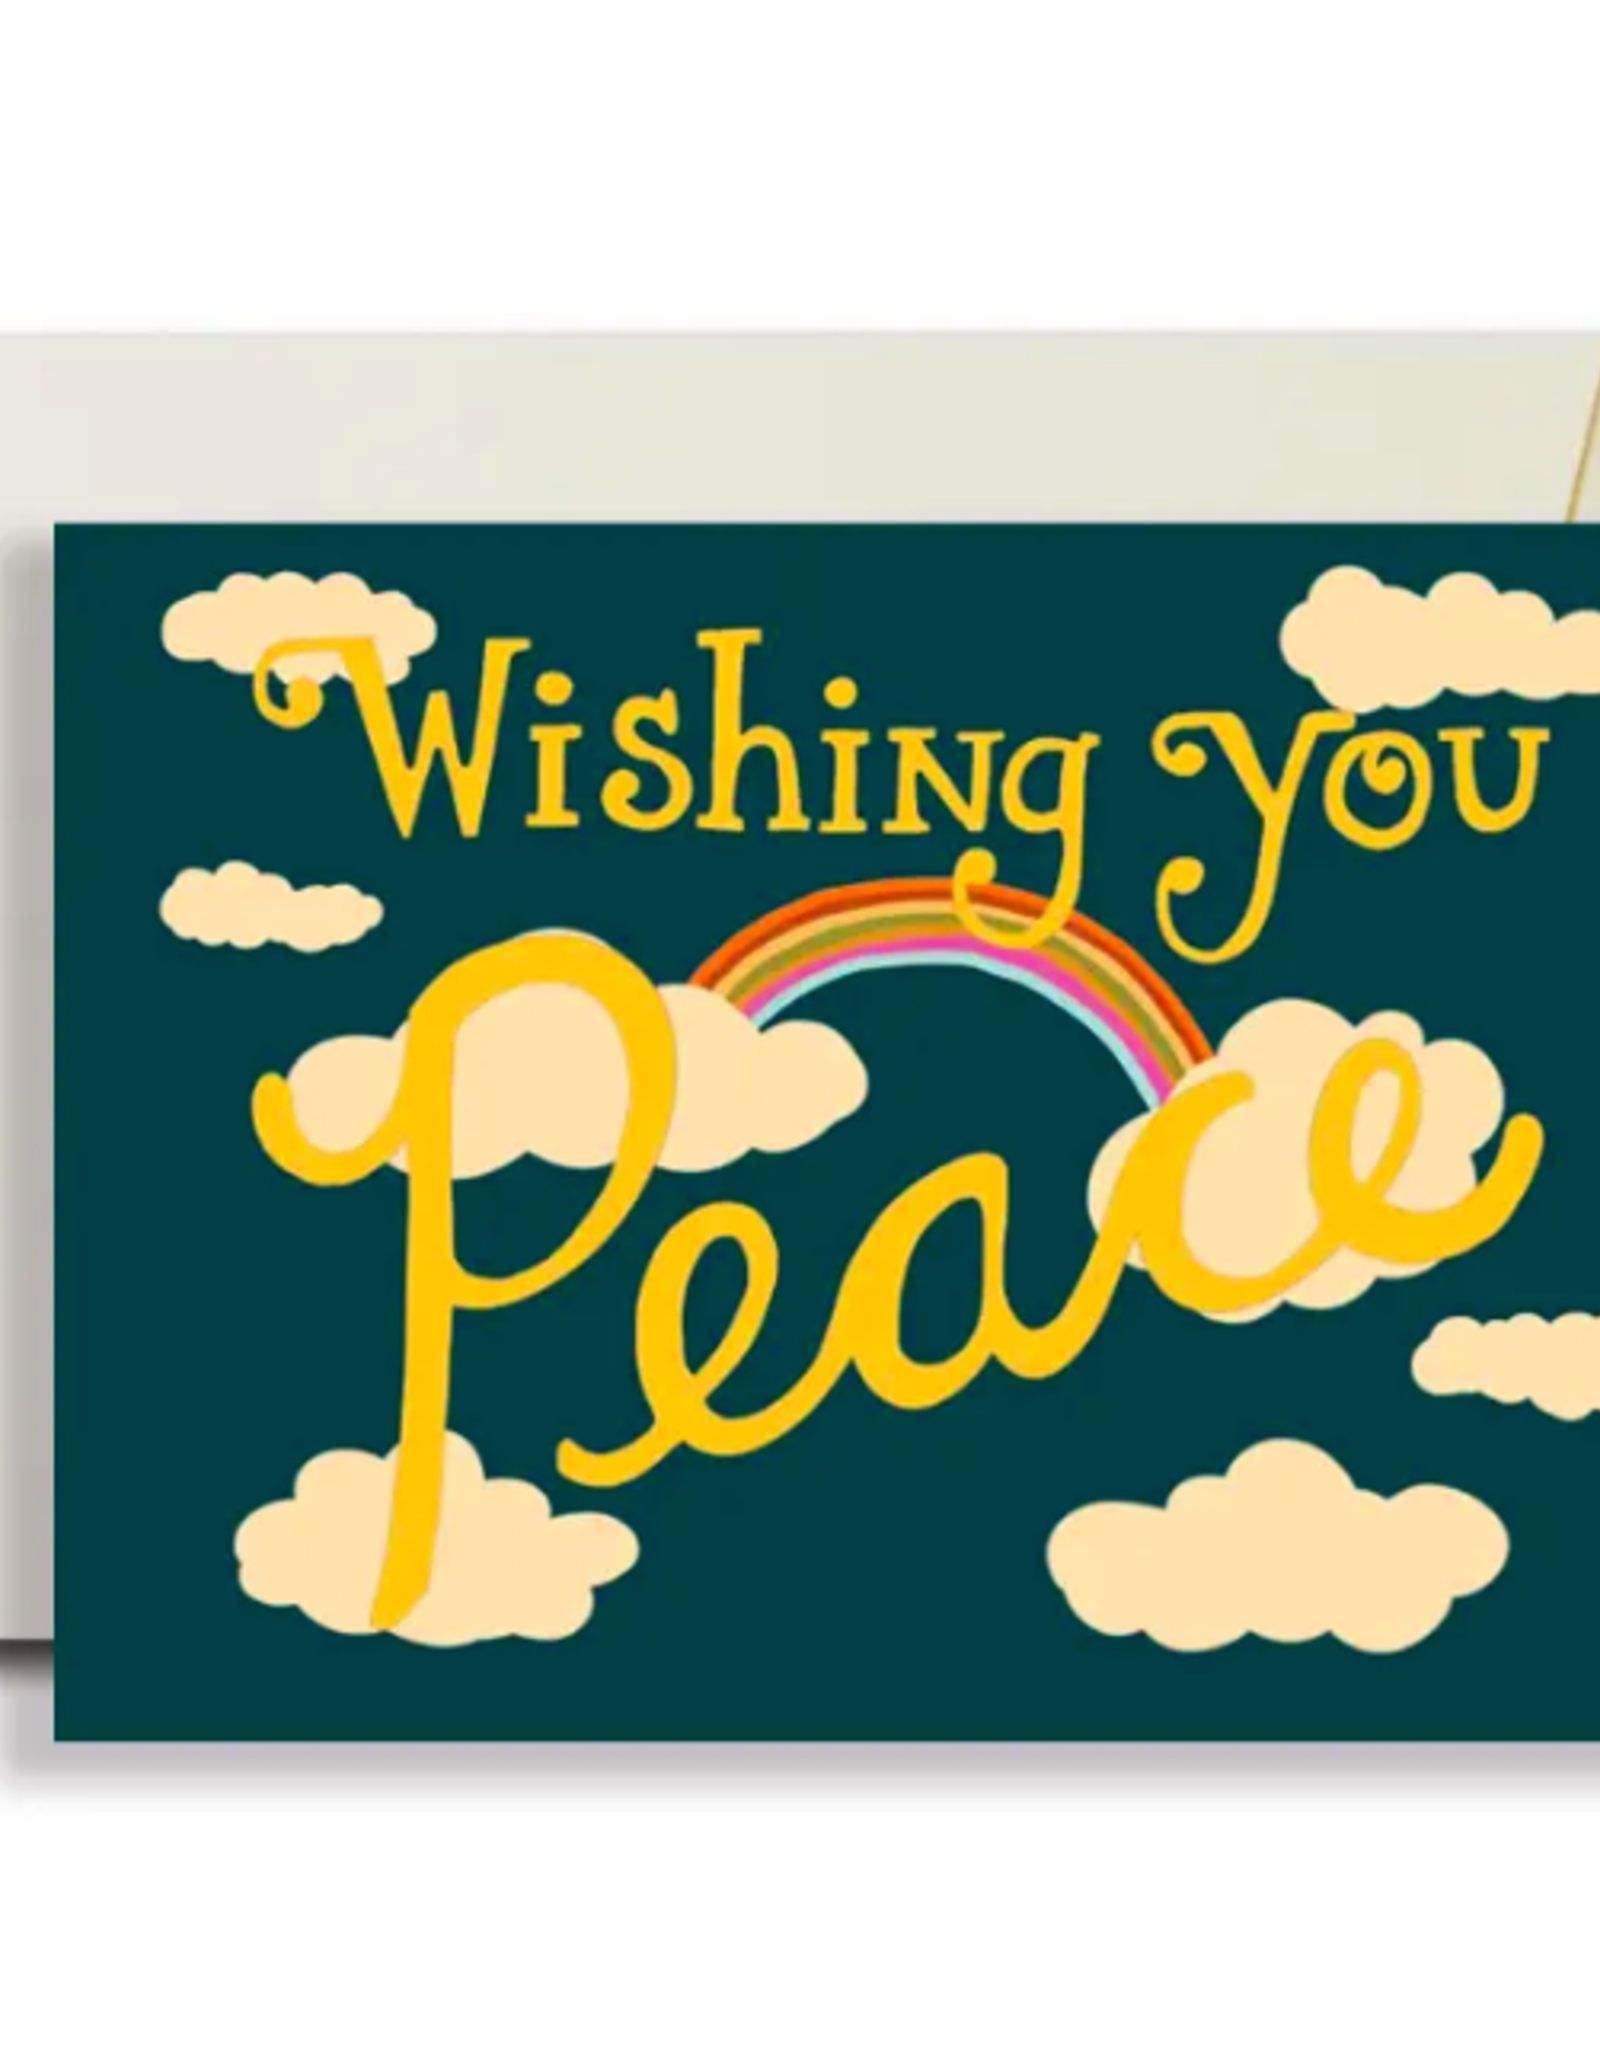 Wishing You Peace Card